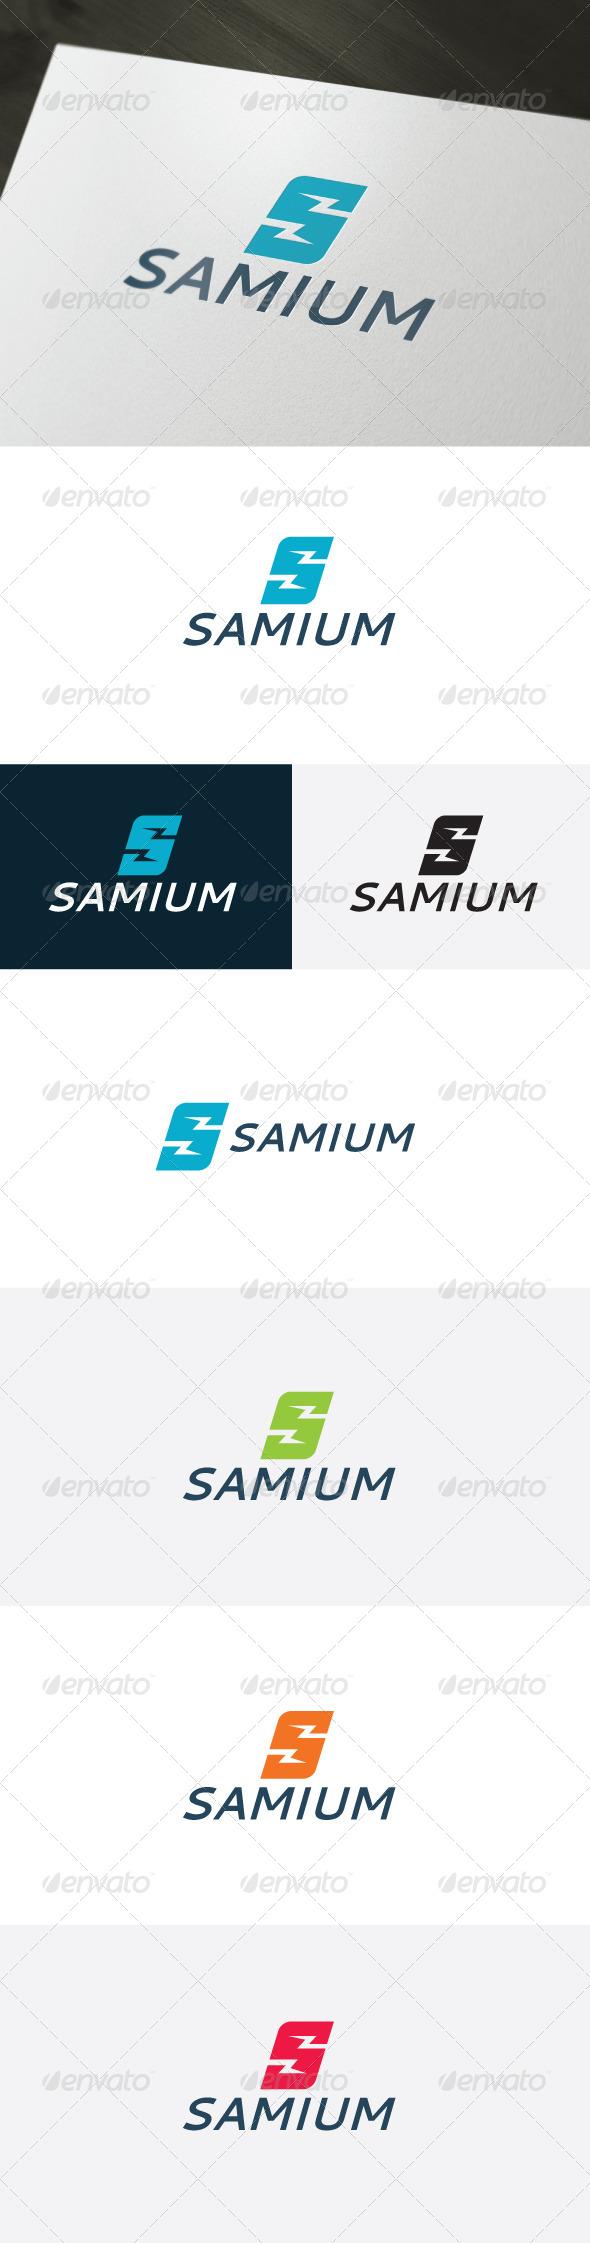 Samium Logo — Letter S - Letters Logo Templates